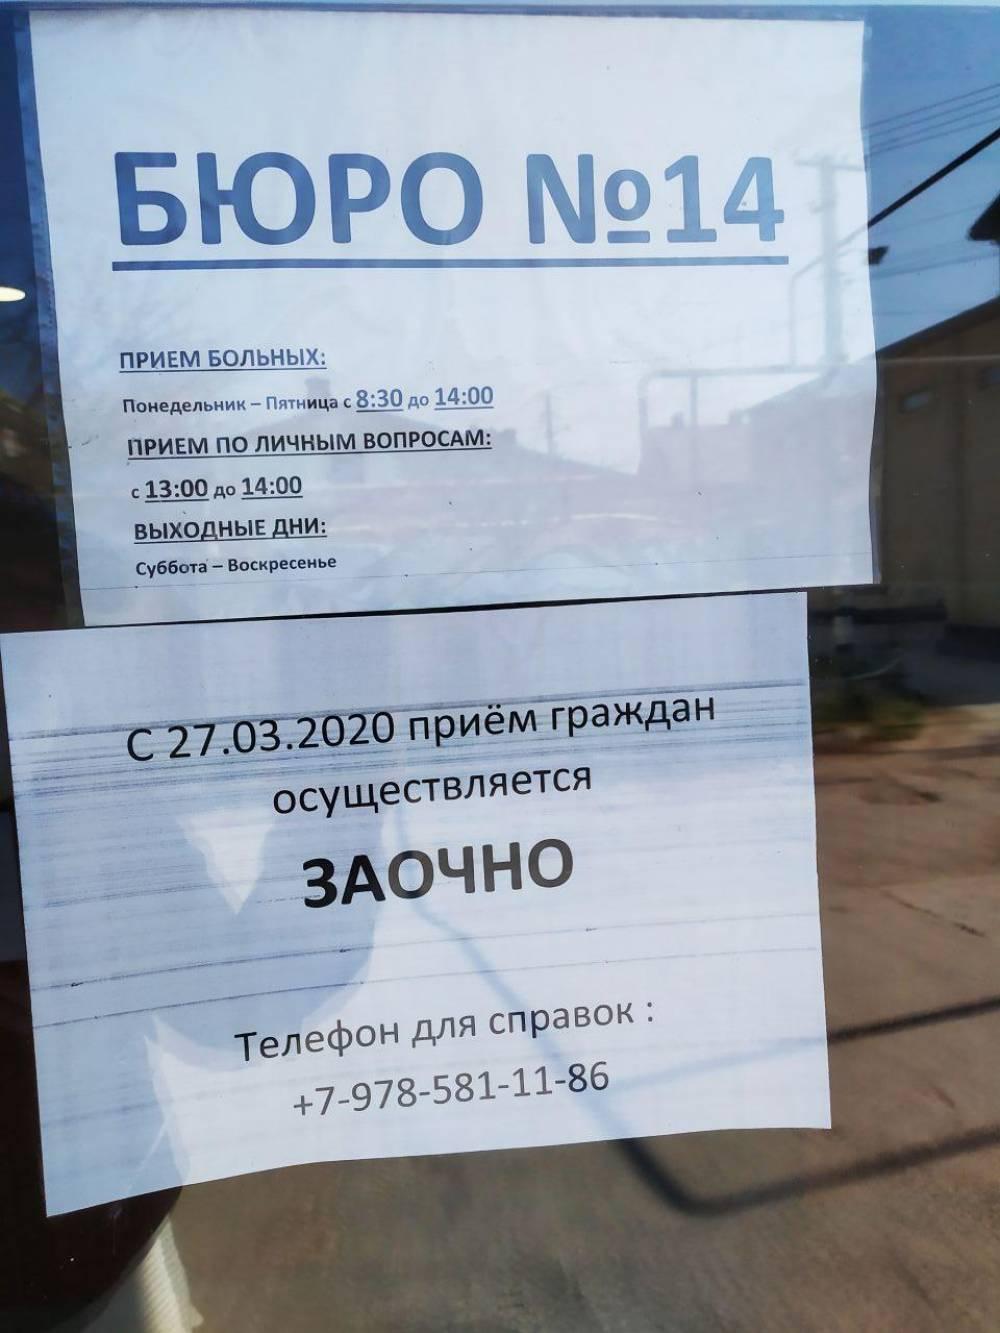 СПРОСИ ВРАЧА 4 - в стационаре инфекционного отделения в Феодосии находится 7 человек